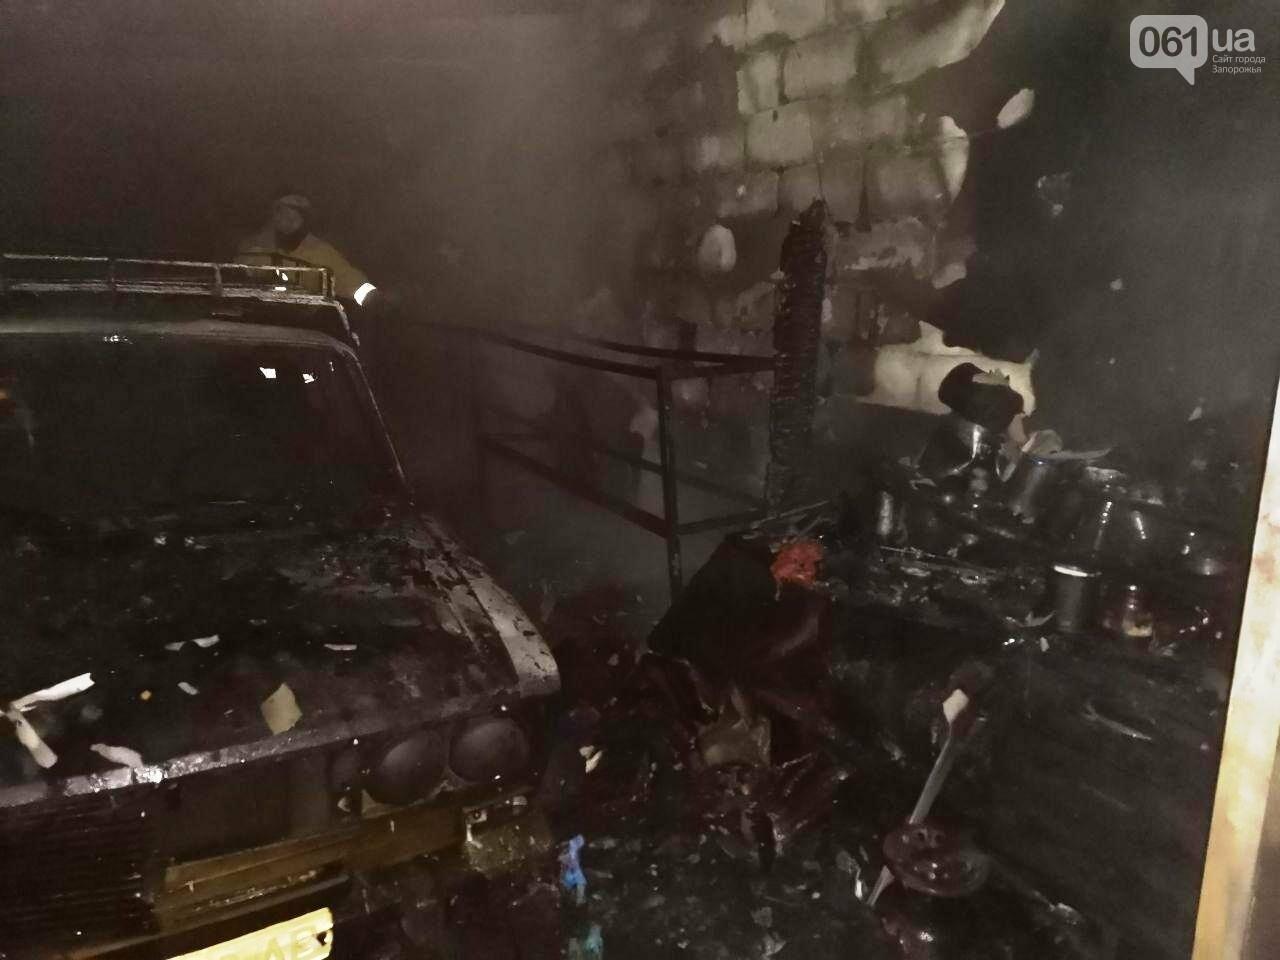 В Мелитополе 5 огнеборцев тушили загоревшийся автомобиль, фото-1